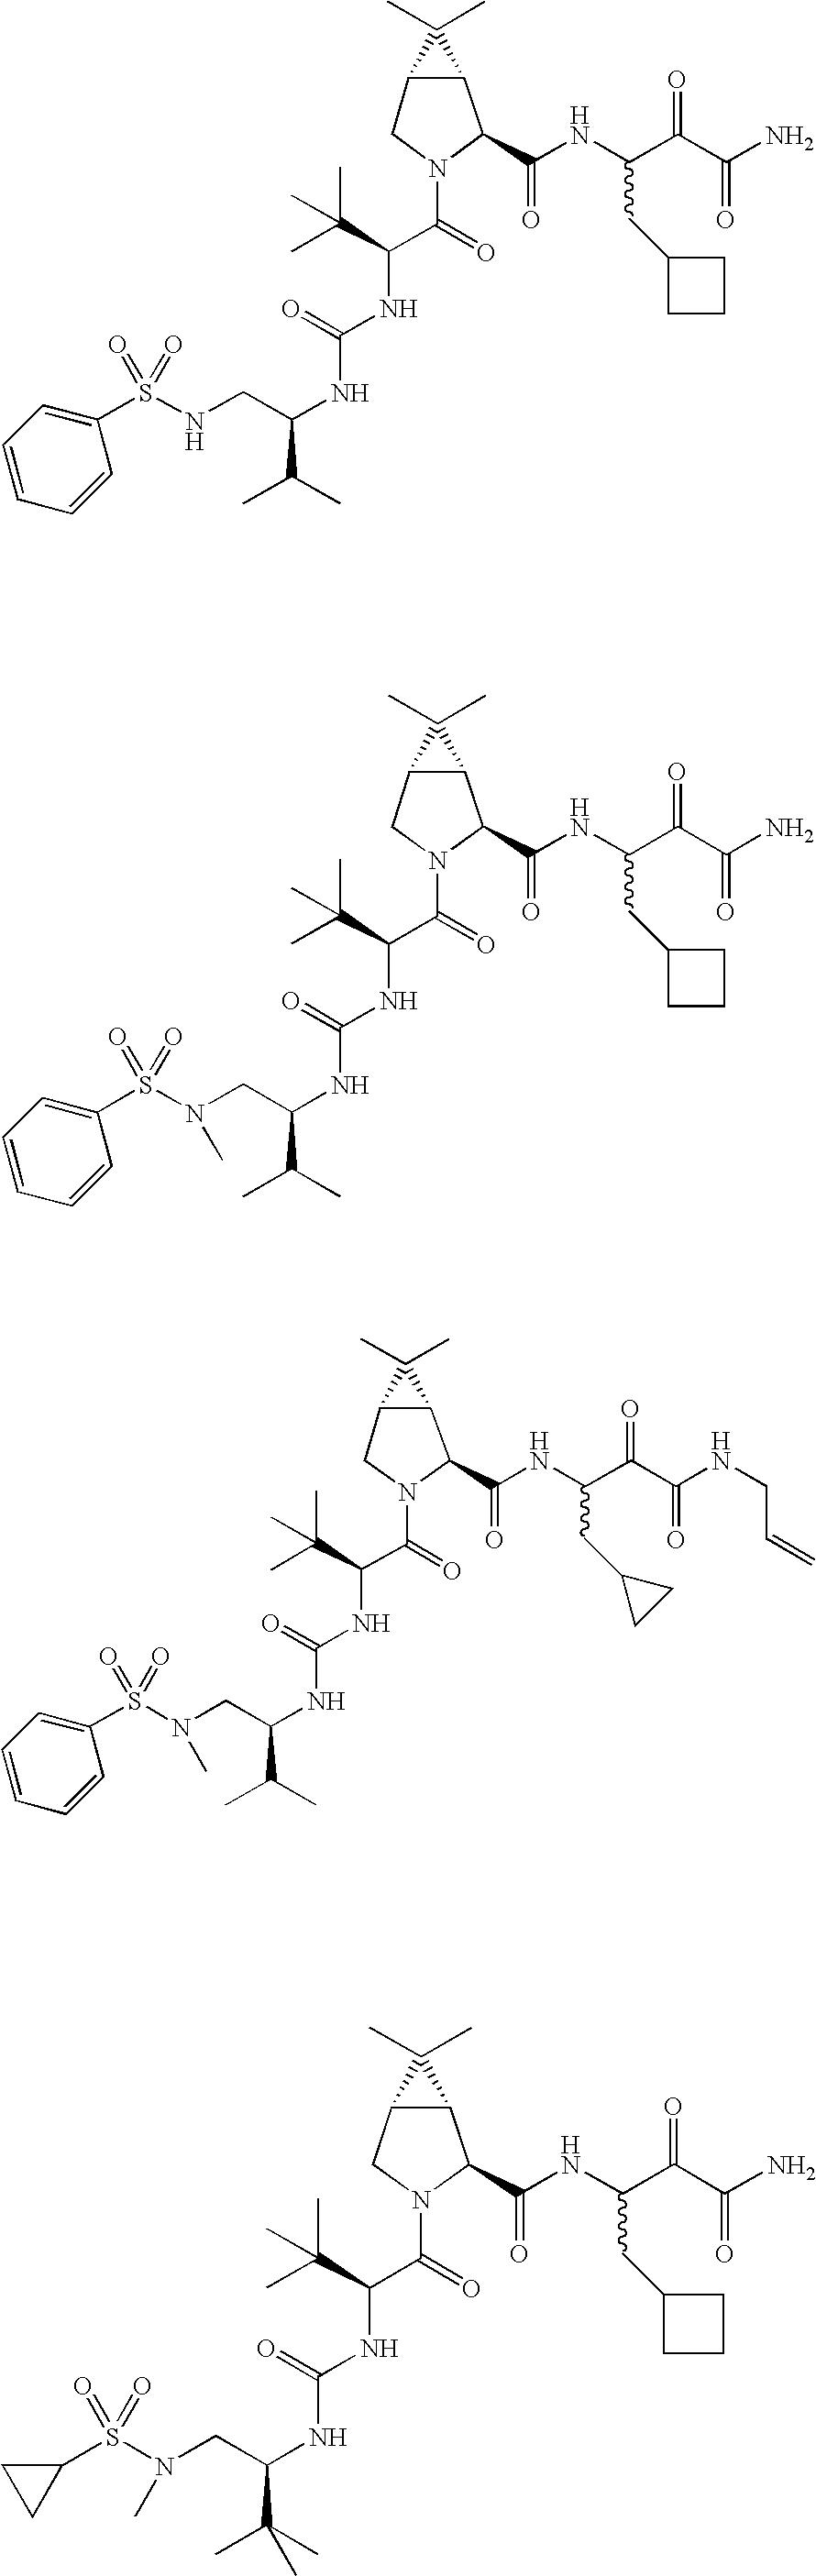 Figure US20060287248A1-20061221-C00341